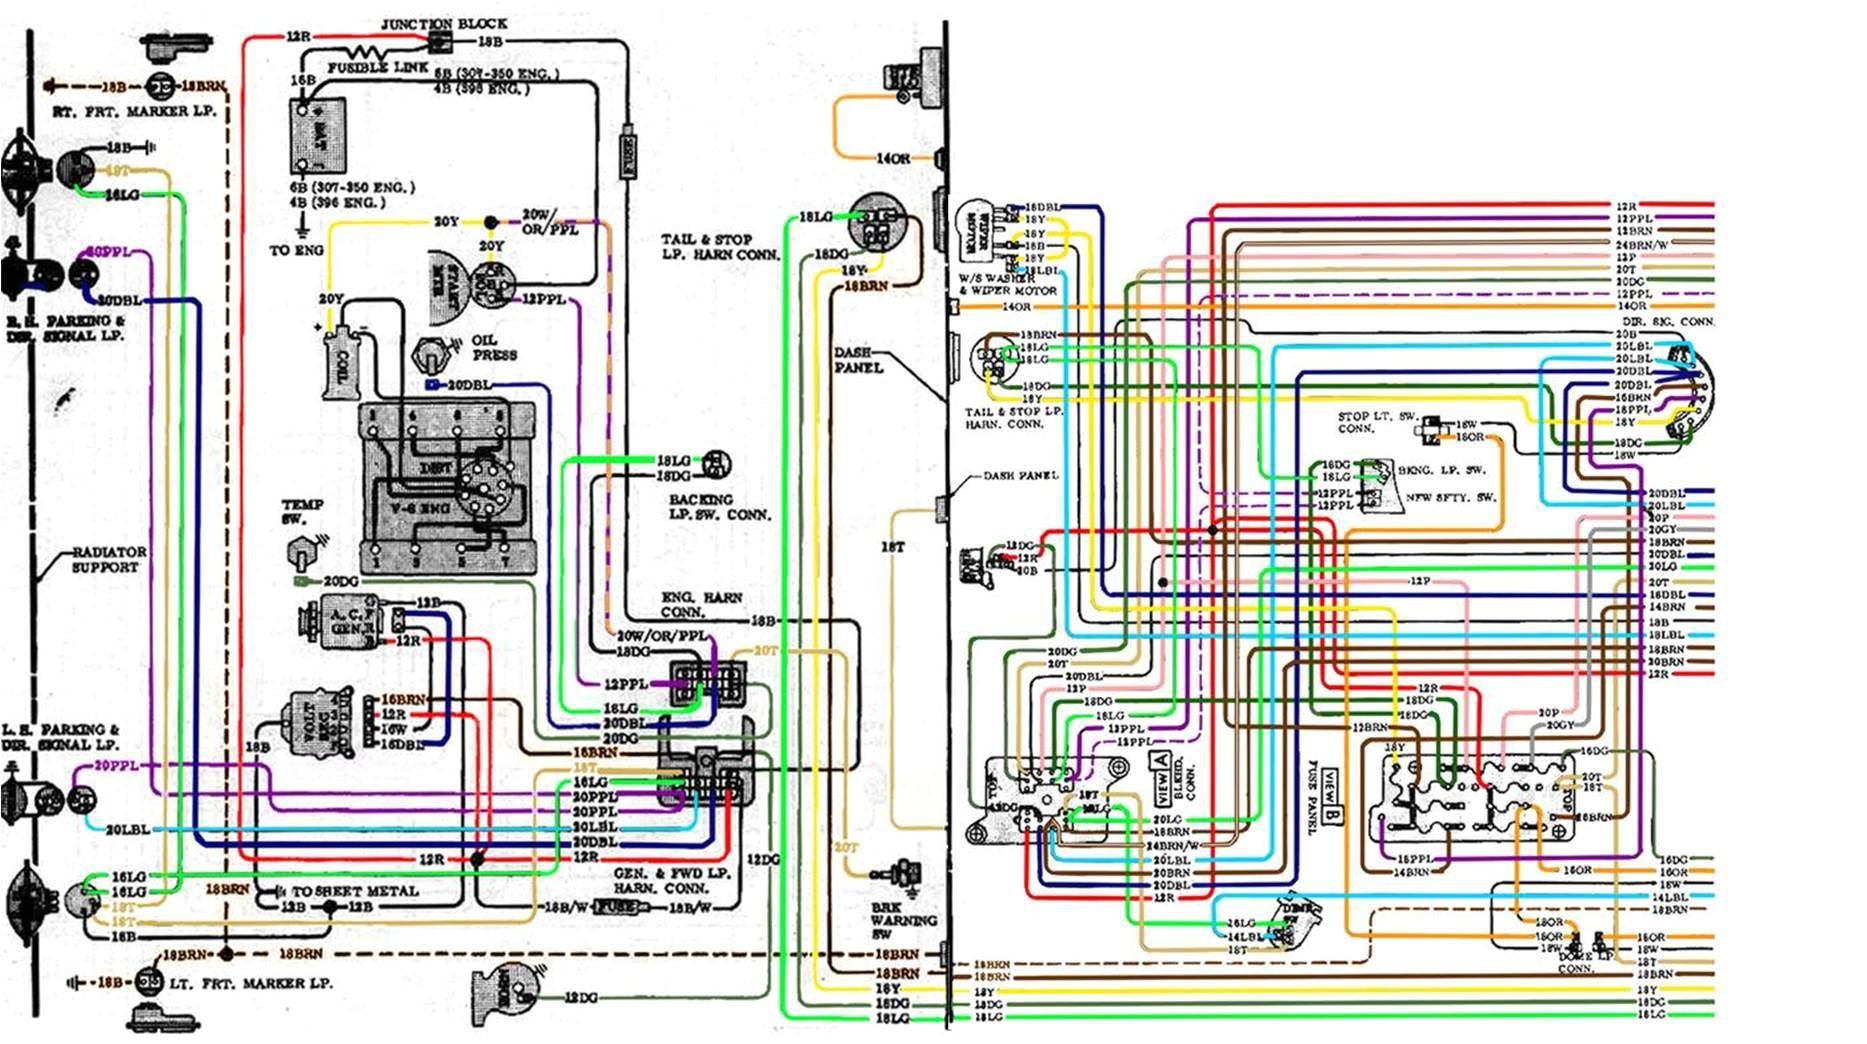 1968 c10 wiring harness book diagram schema 1968 gmc wiring diagram engine compartment 1968 c10 wiring